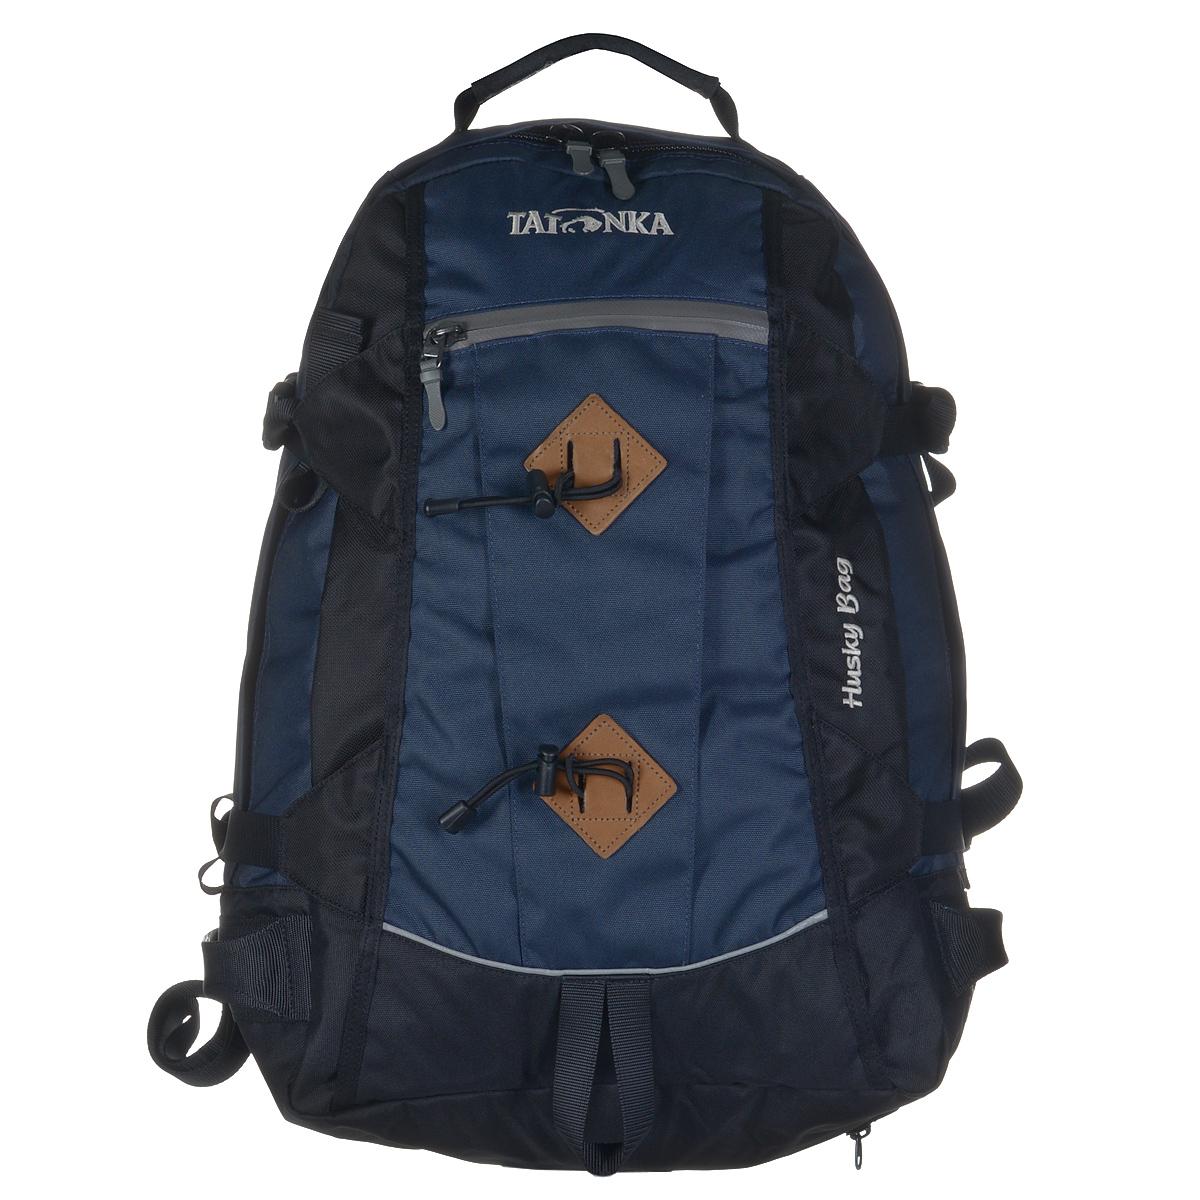 Рюкзак городской Tatonka Husky Bag с чехлом от дождя, цвет: синий, черный, 28 л. 1580.004BP-001 BKРюкзак Tatonka Husky Bag, изготовленный из высококачественного материала, имеет идеальные пропорции и богатое техническое оснащение, позволяющиеиспользовать его как горный, трекинговый или городской.Изделие имеет одно главное отделение, внутри которого имеются два кармана. Один карман оснащен держателем для ключей, второй карман на резинке.Рюкзак имеет мягкие регулируемые плечевые лямки и мягкий набедренный пояс с карманами на молнии. С помощью регулируемого нагрудного ремня рюкзак прочно будет прилегать к спине, а боковые стяжки утянут ваш рюкзак до нужного размера.Внешний карман имеет водонепроницаемую молнию. Специальная петля внизу рюкзака предназначена для палок или ледоруба.В комплекте - дождевой чехол яркого цвета. Материал: Textreme 6.6, ХексоТокс, СликТекс. Объем 28 л.Вес: 1,85 кг.